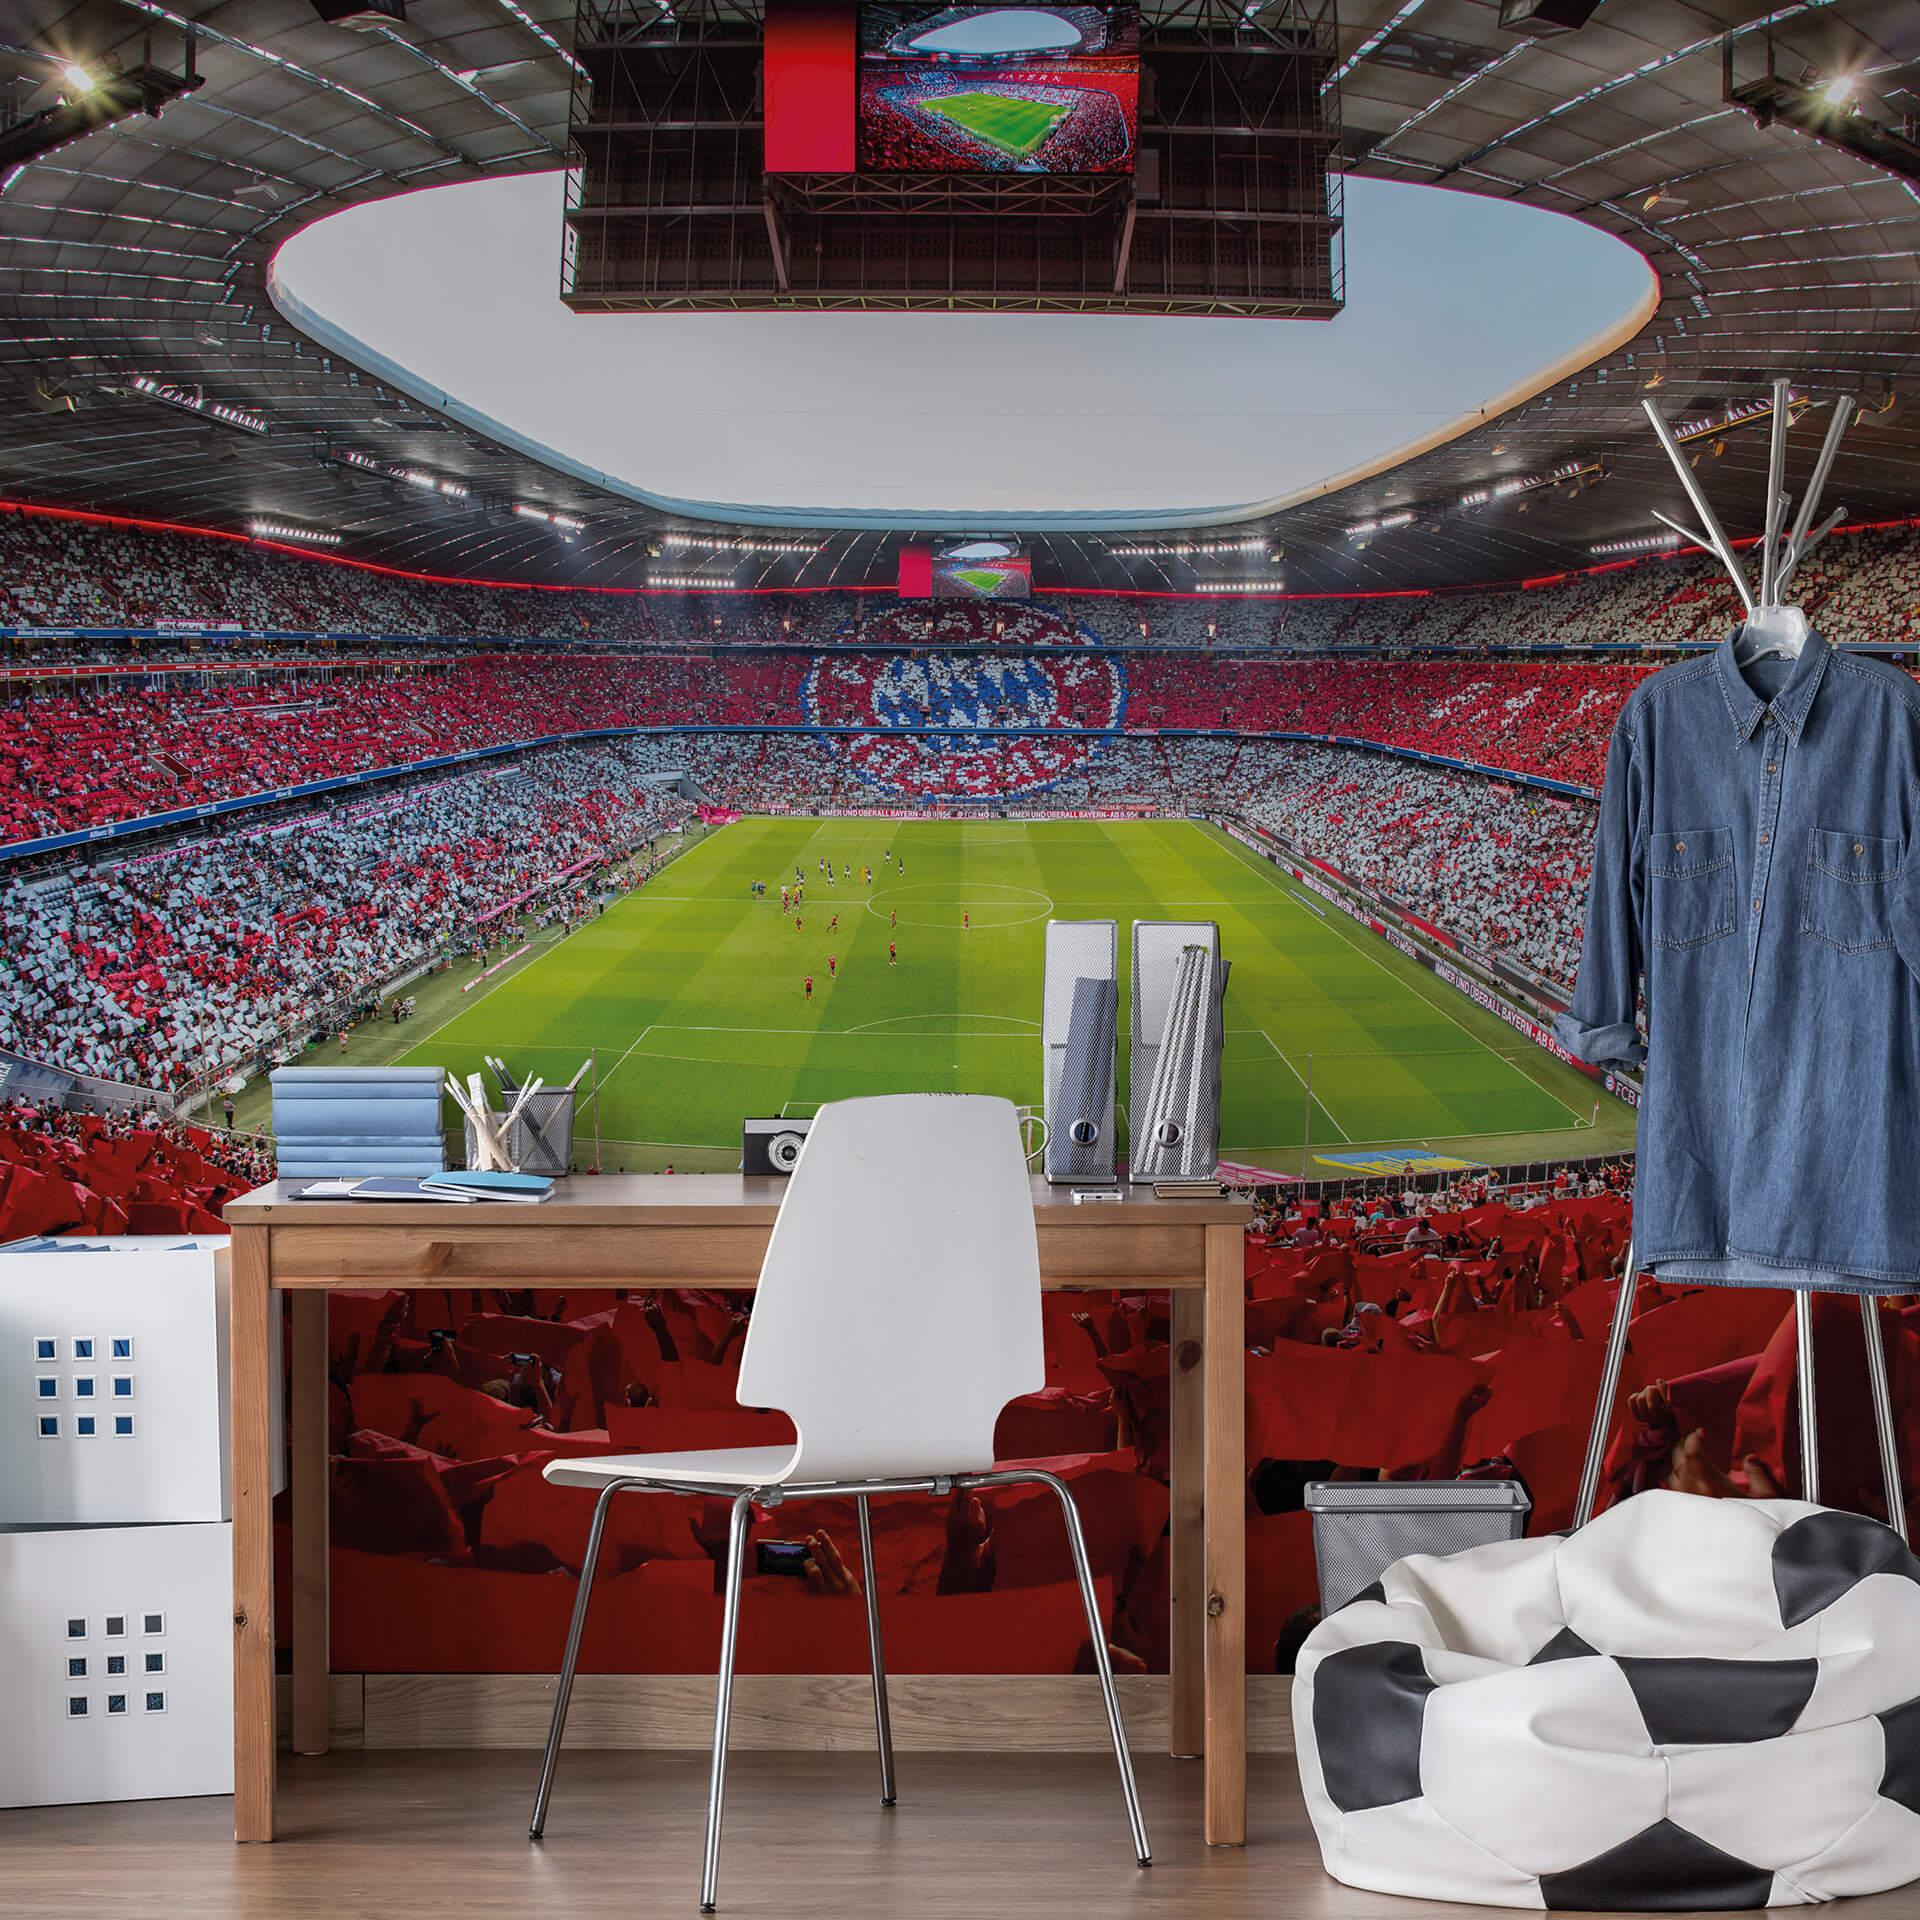 Details zu Fototapete FCB Stadion Rot Weiß WANDBILD FC BAYERN MÜNCHEN  ALLIANZ ARENA DEKO